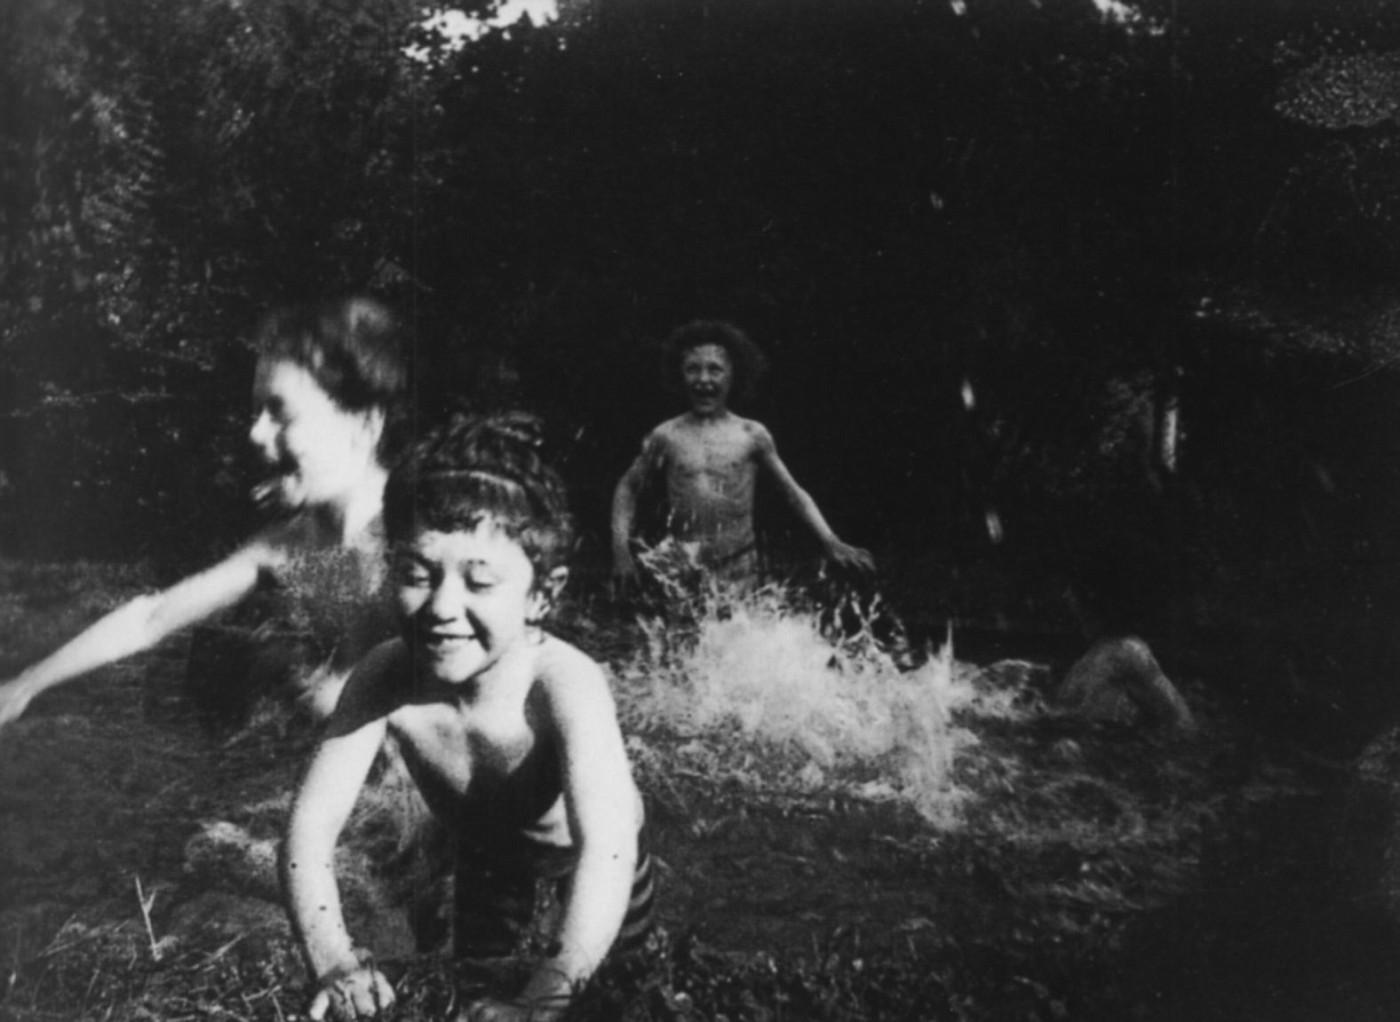 02_1900 Pierre Bonnard Vivette et Robert Terrasse ses neveux